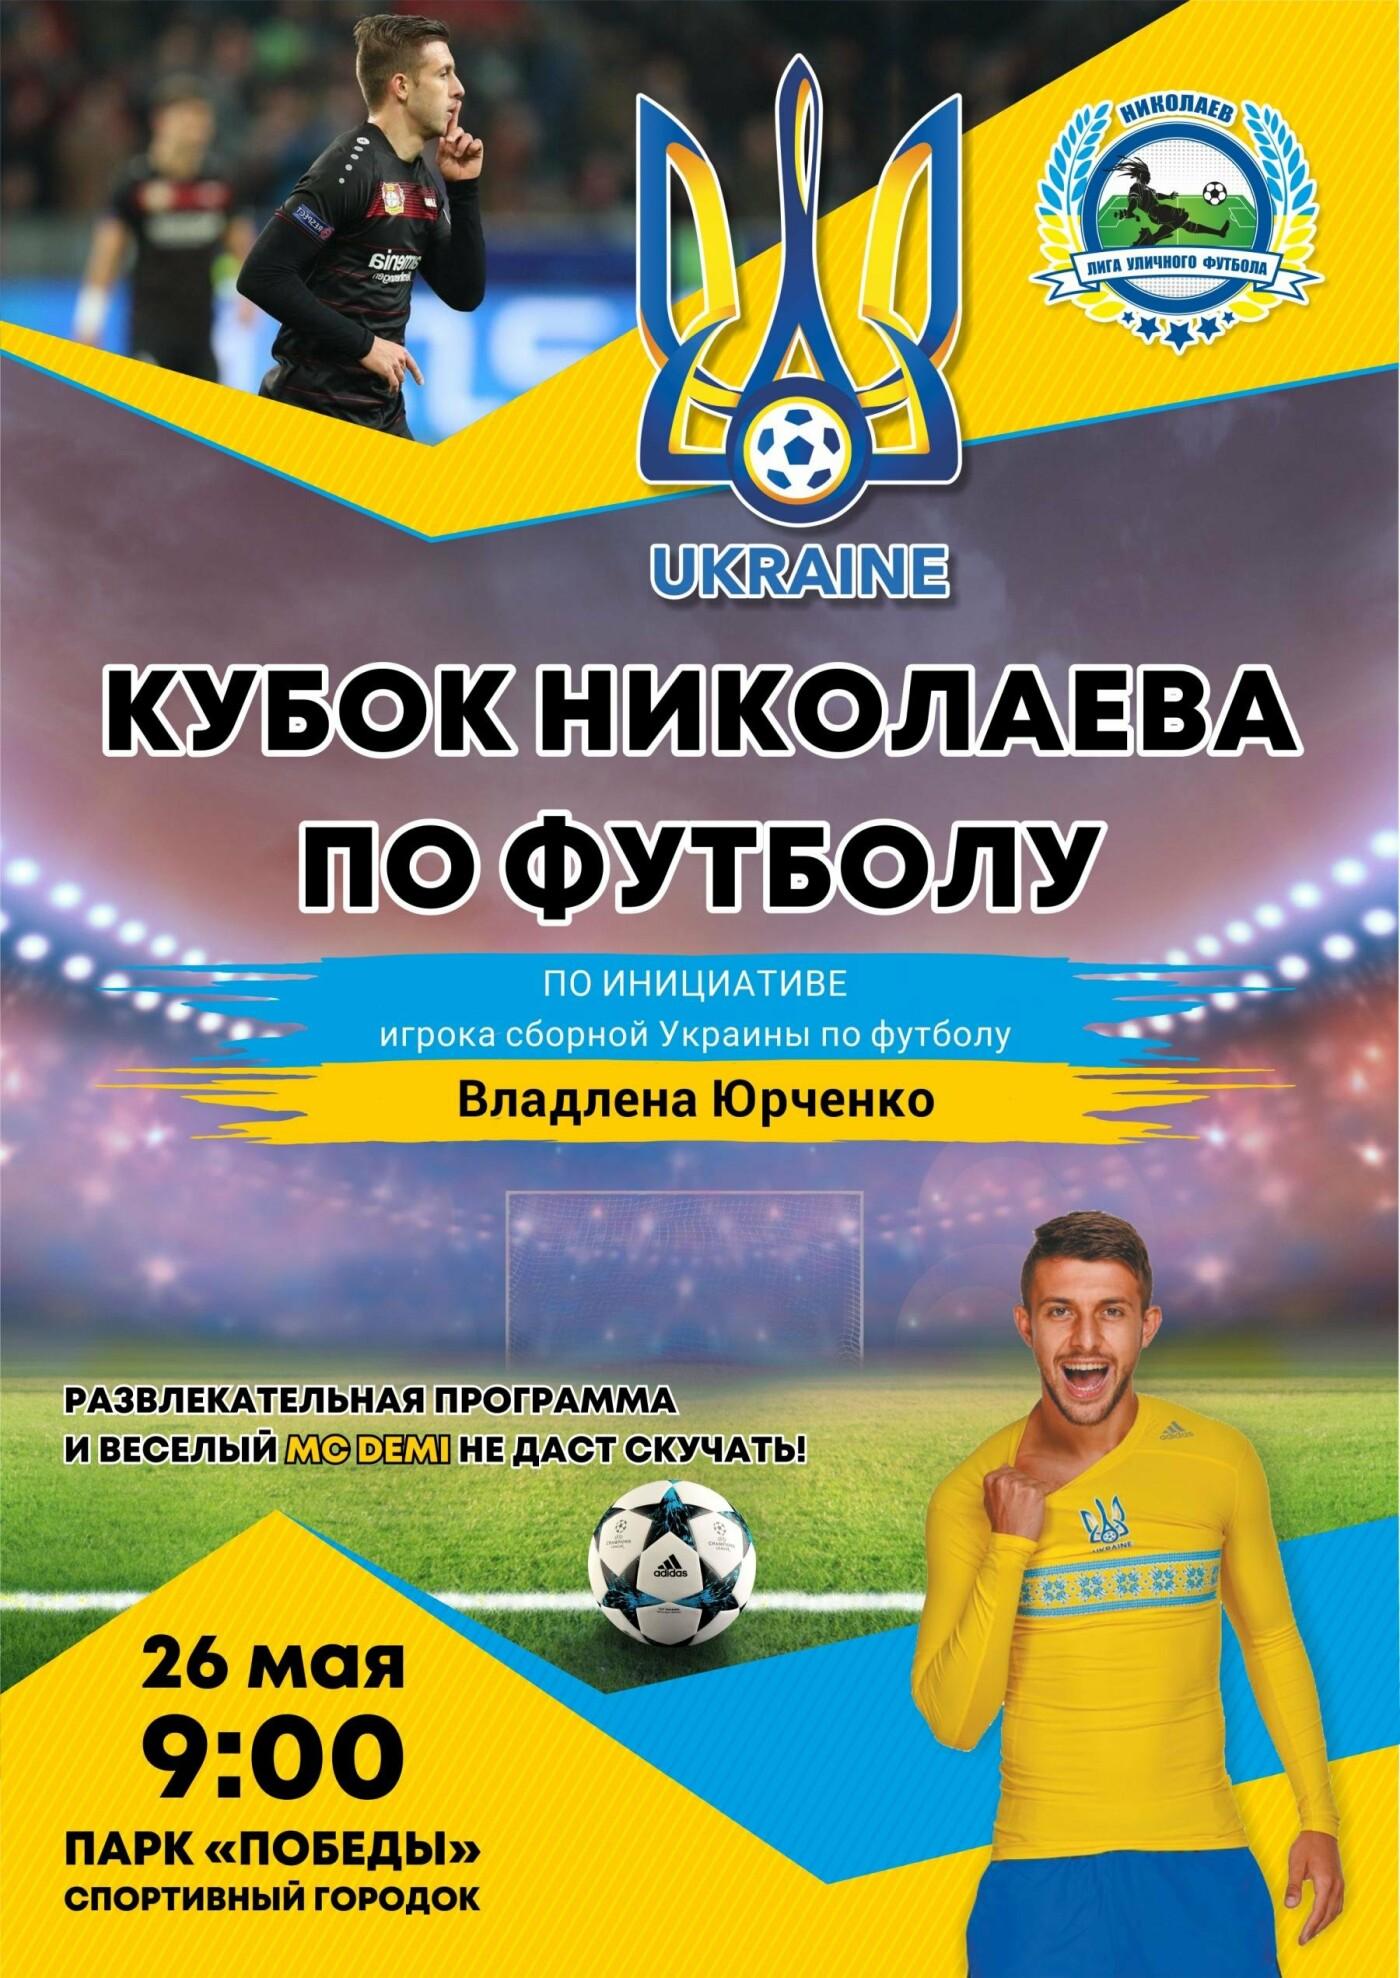 В Парке Победы состоится Кубок Николаева по футболу для всех желающих, фото-1